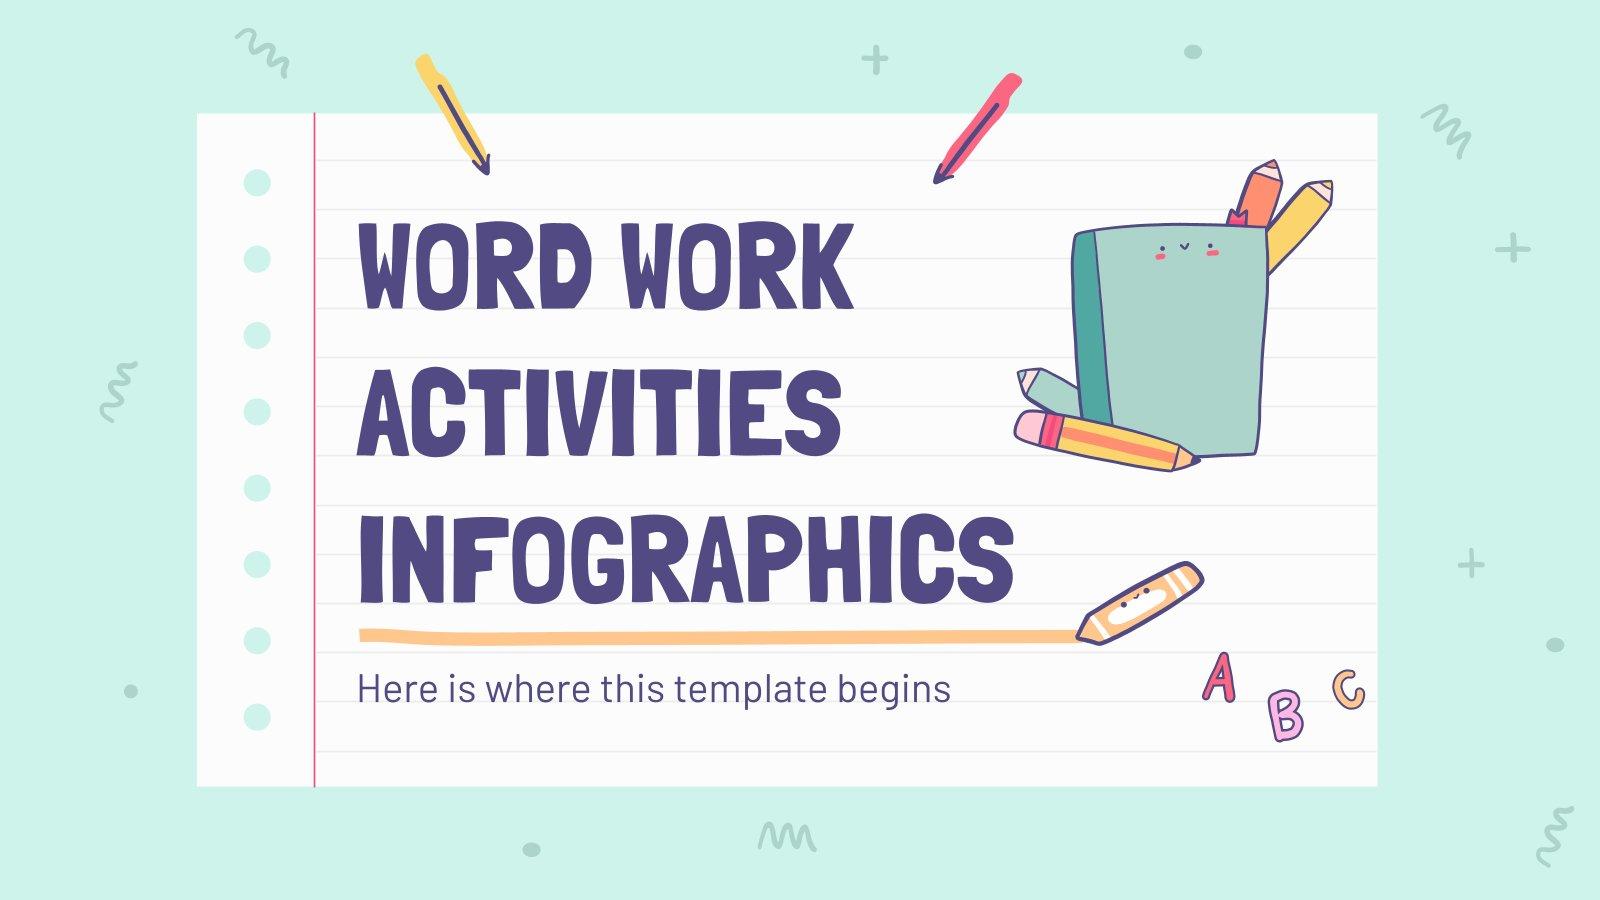 Infographies d'activités de travail sur les mots : Modèles de présentation